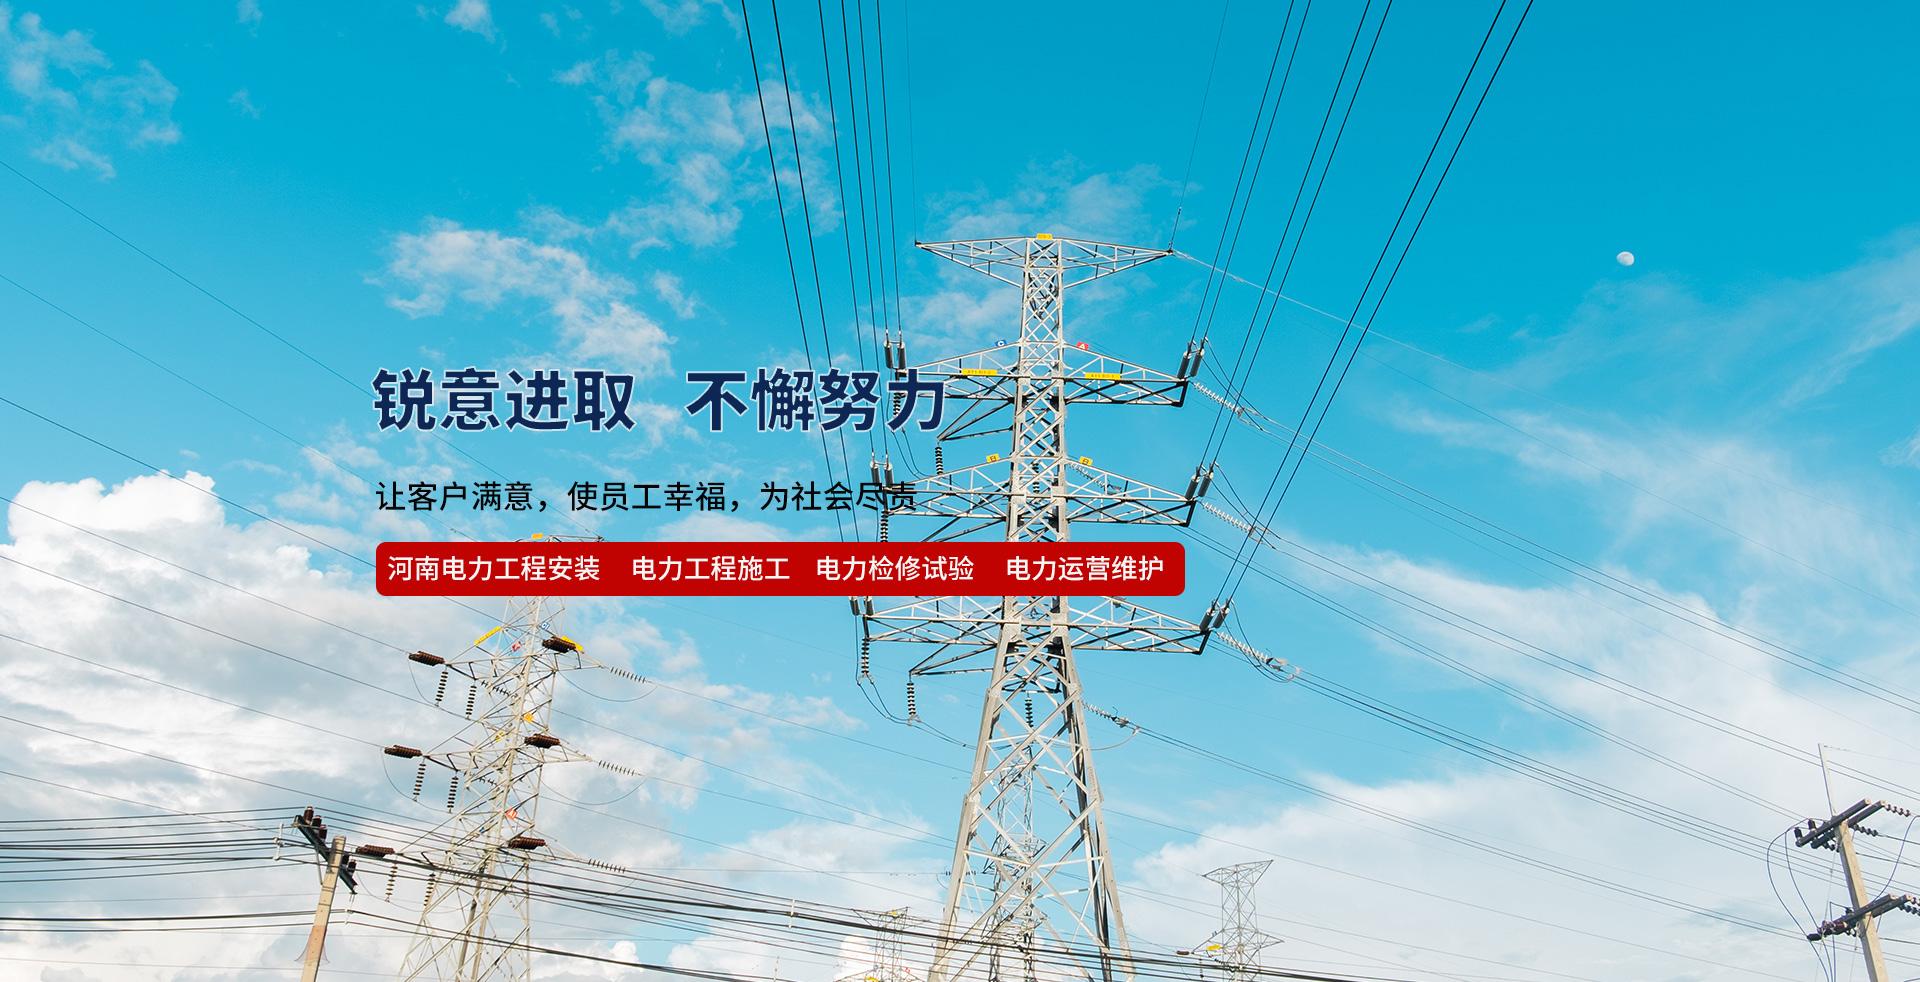 博元电力公司